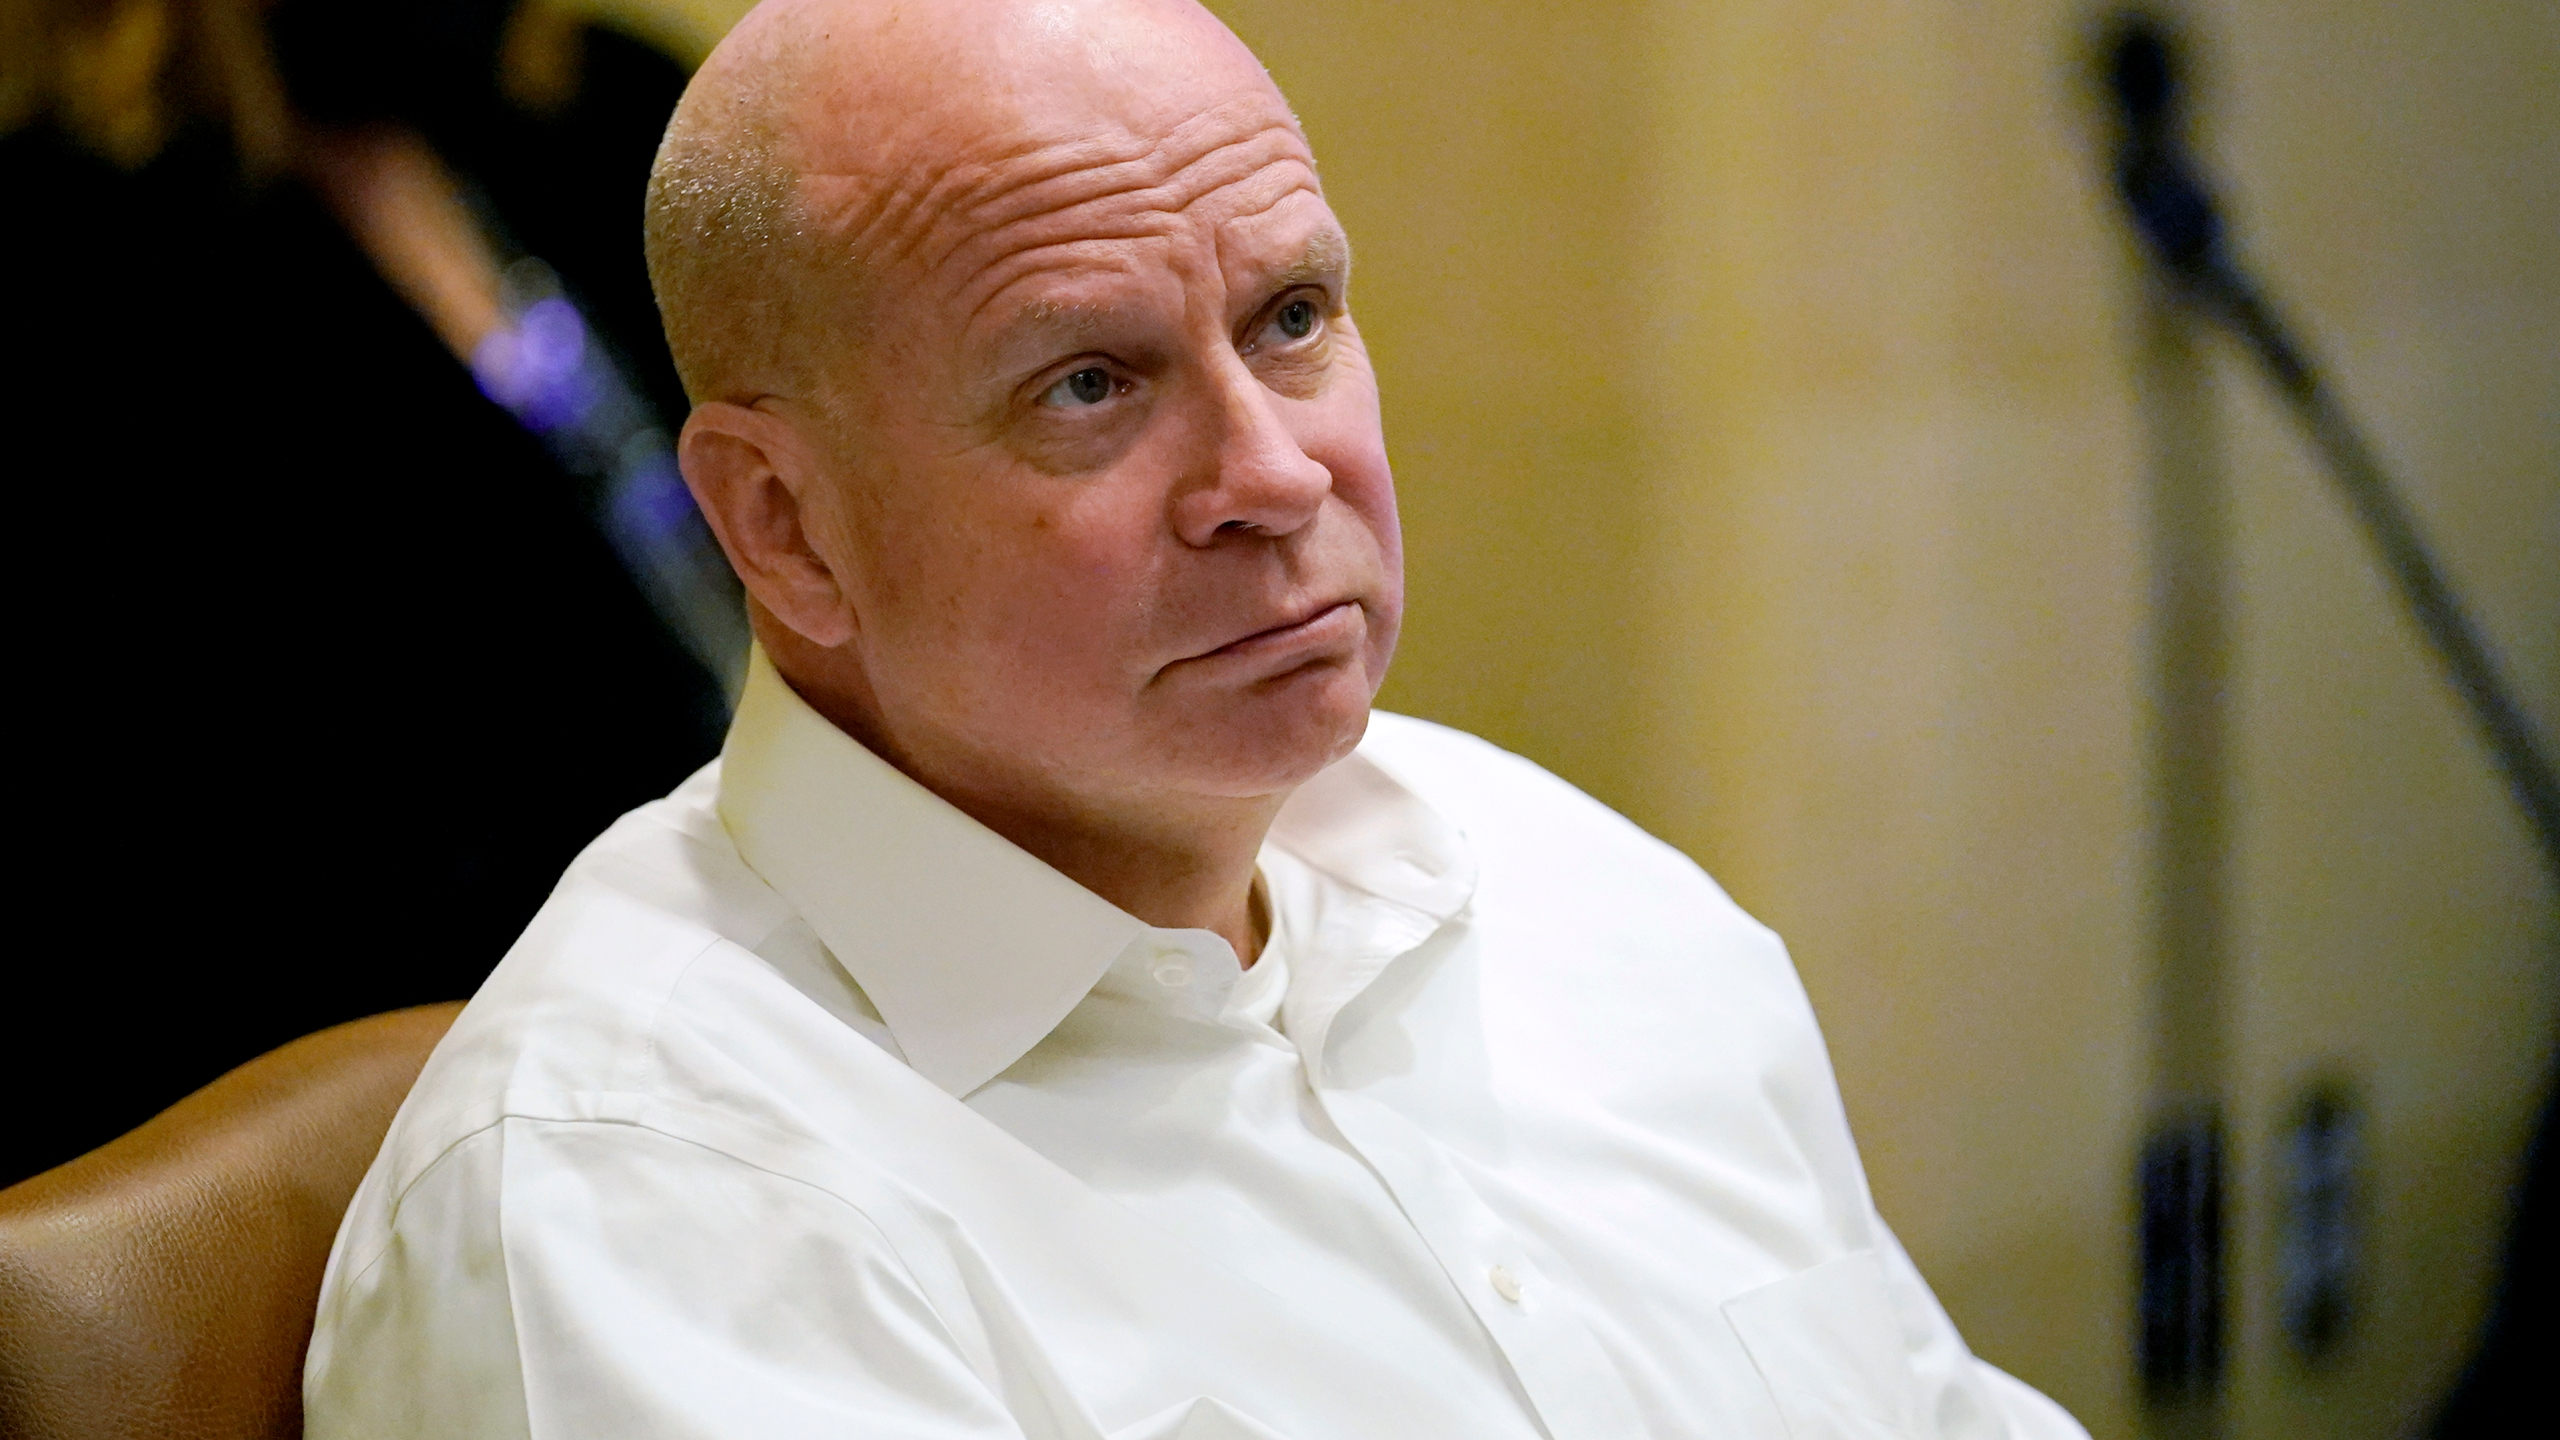 Jim Olsen